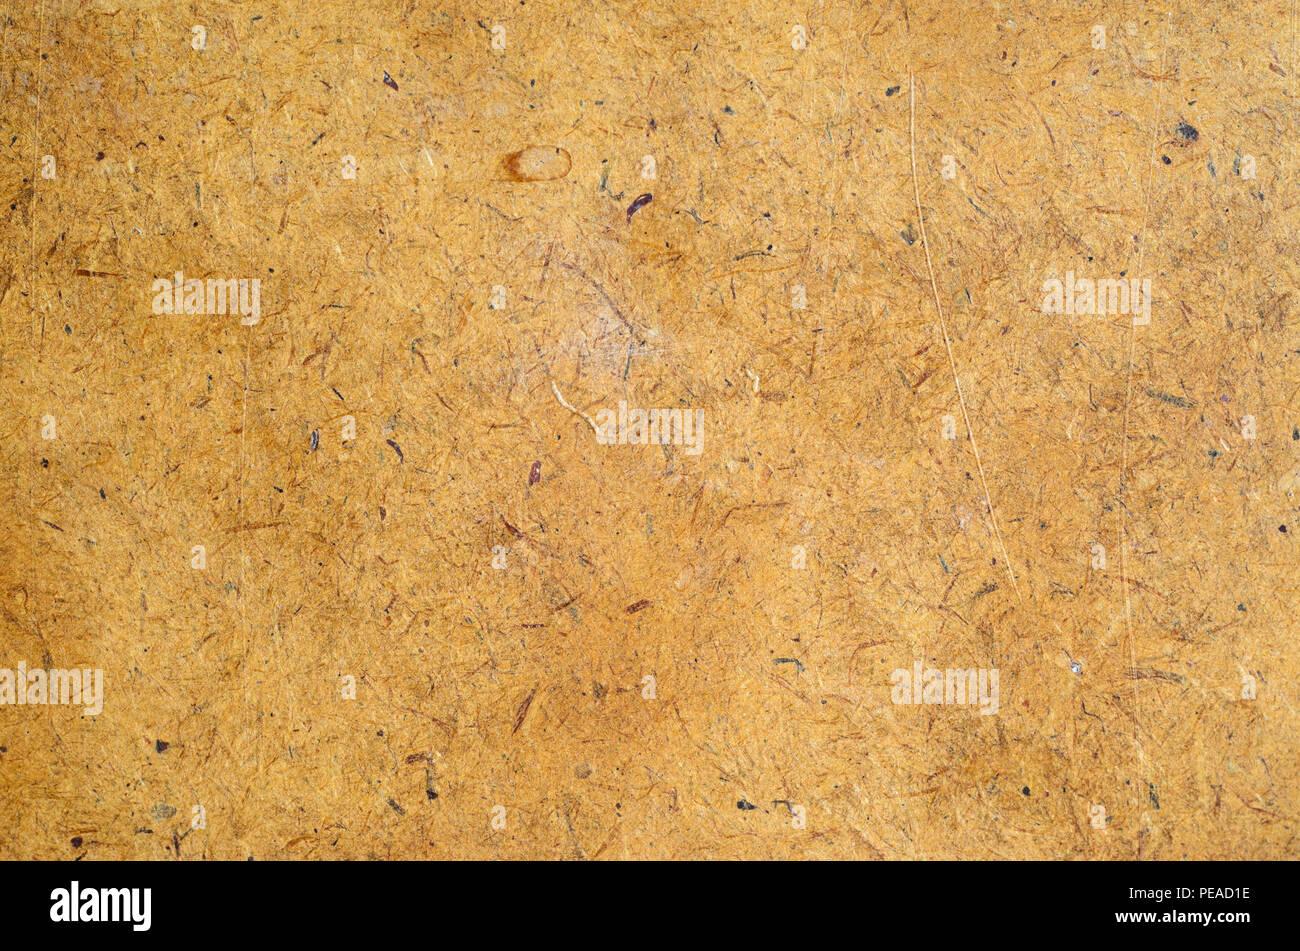 Pannelli Fibra Di Legno pannelli di fibra di legno texture. close-up sfondo astratto